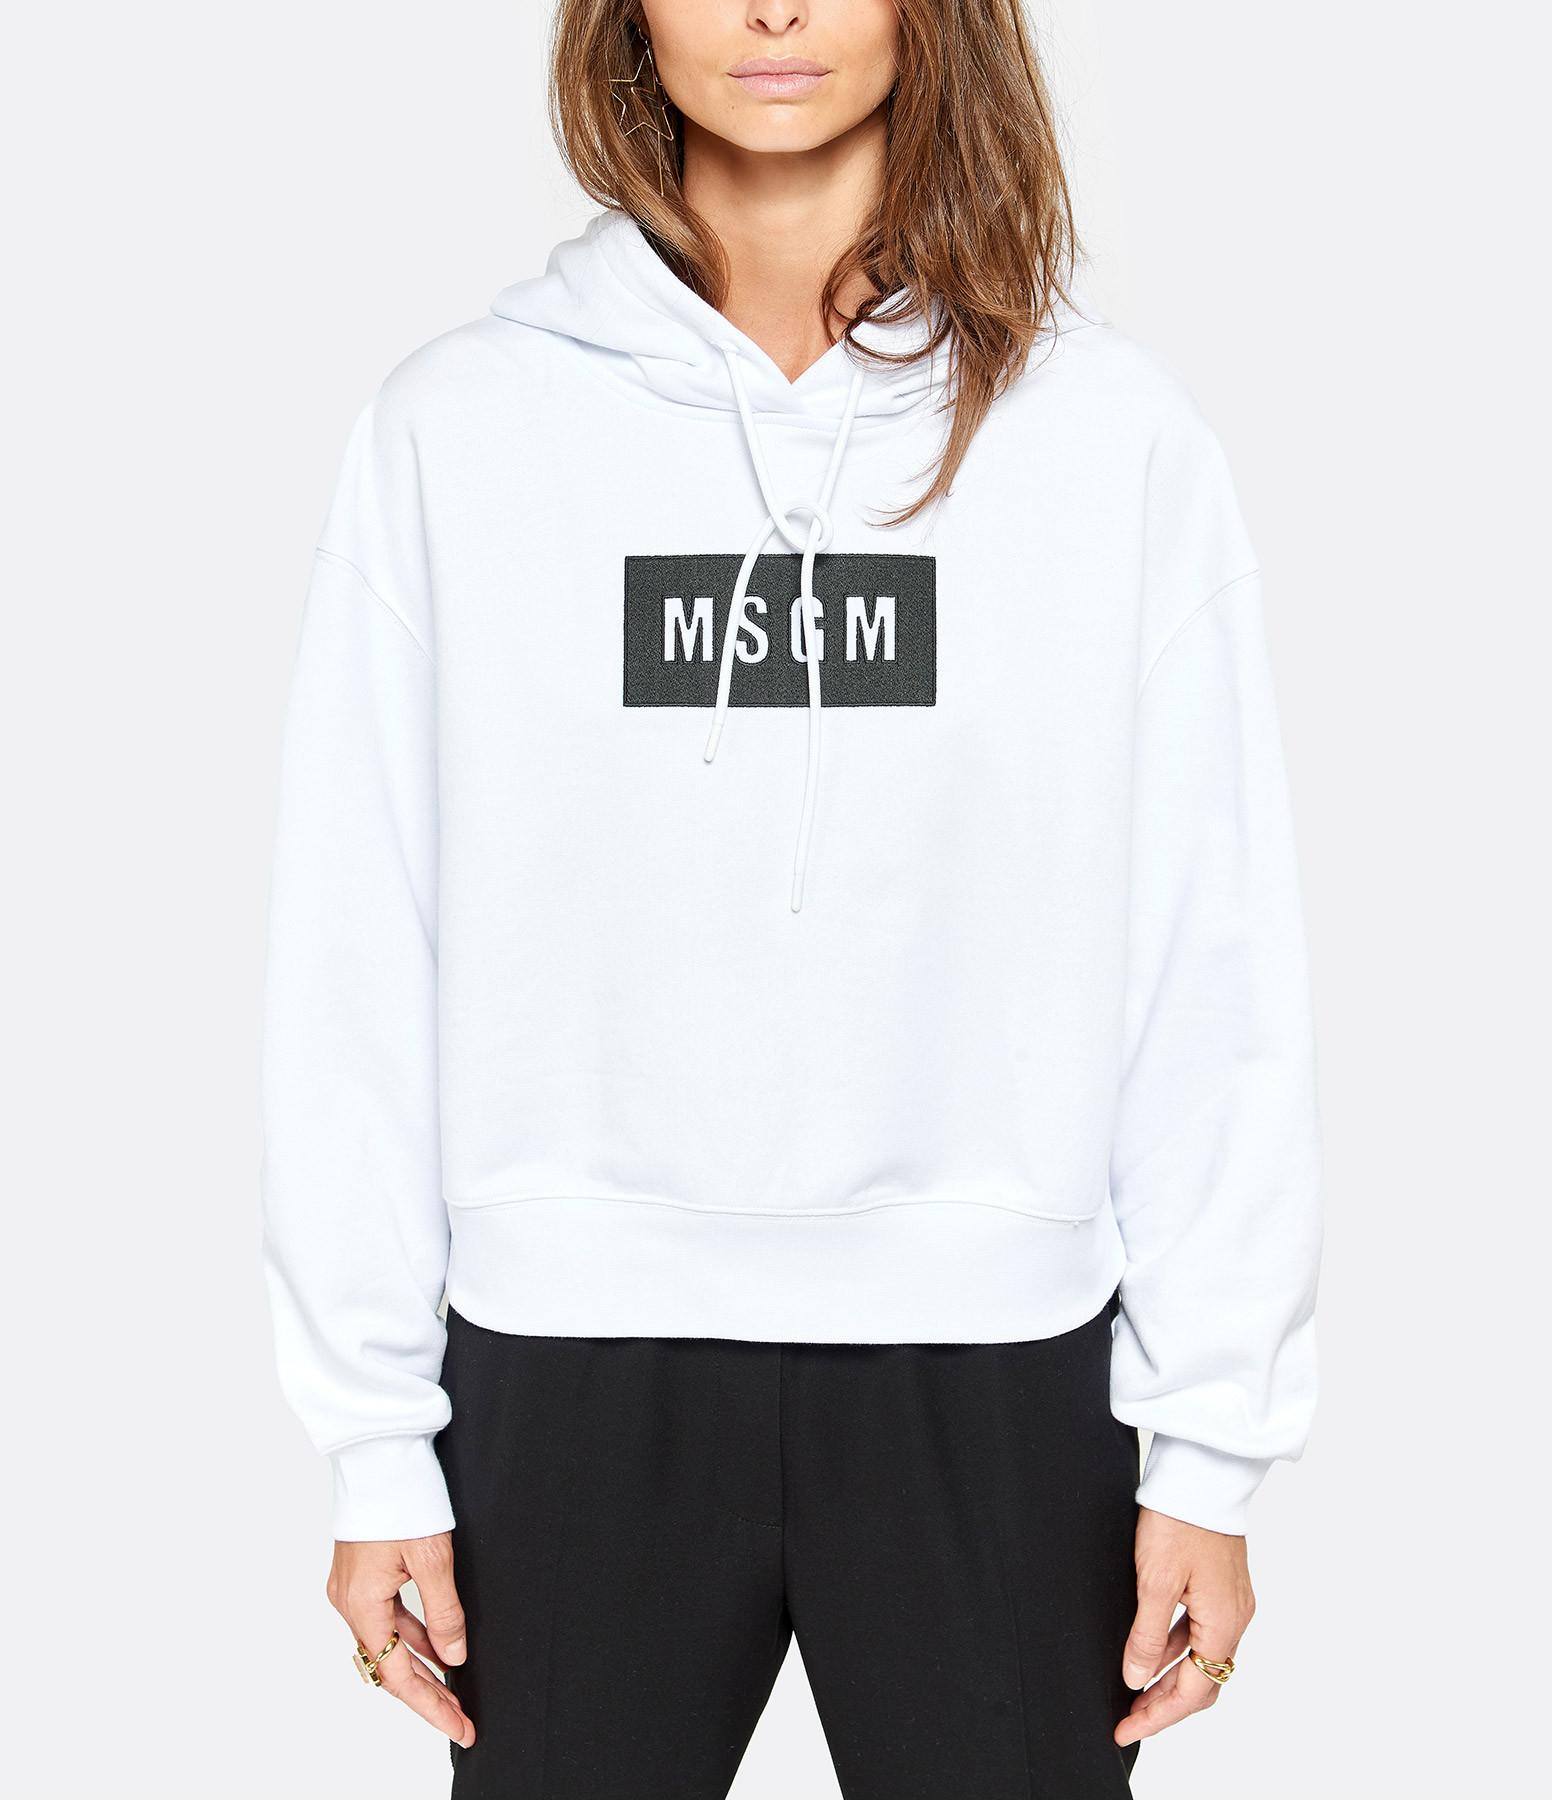 MSGM - Sweatshirt MSGM Blanc